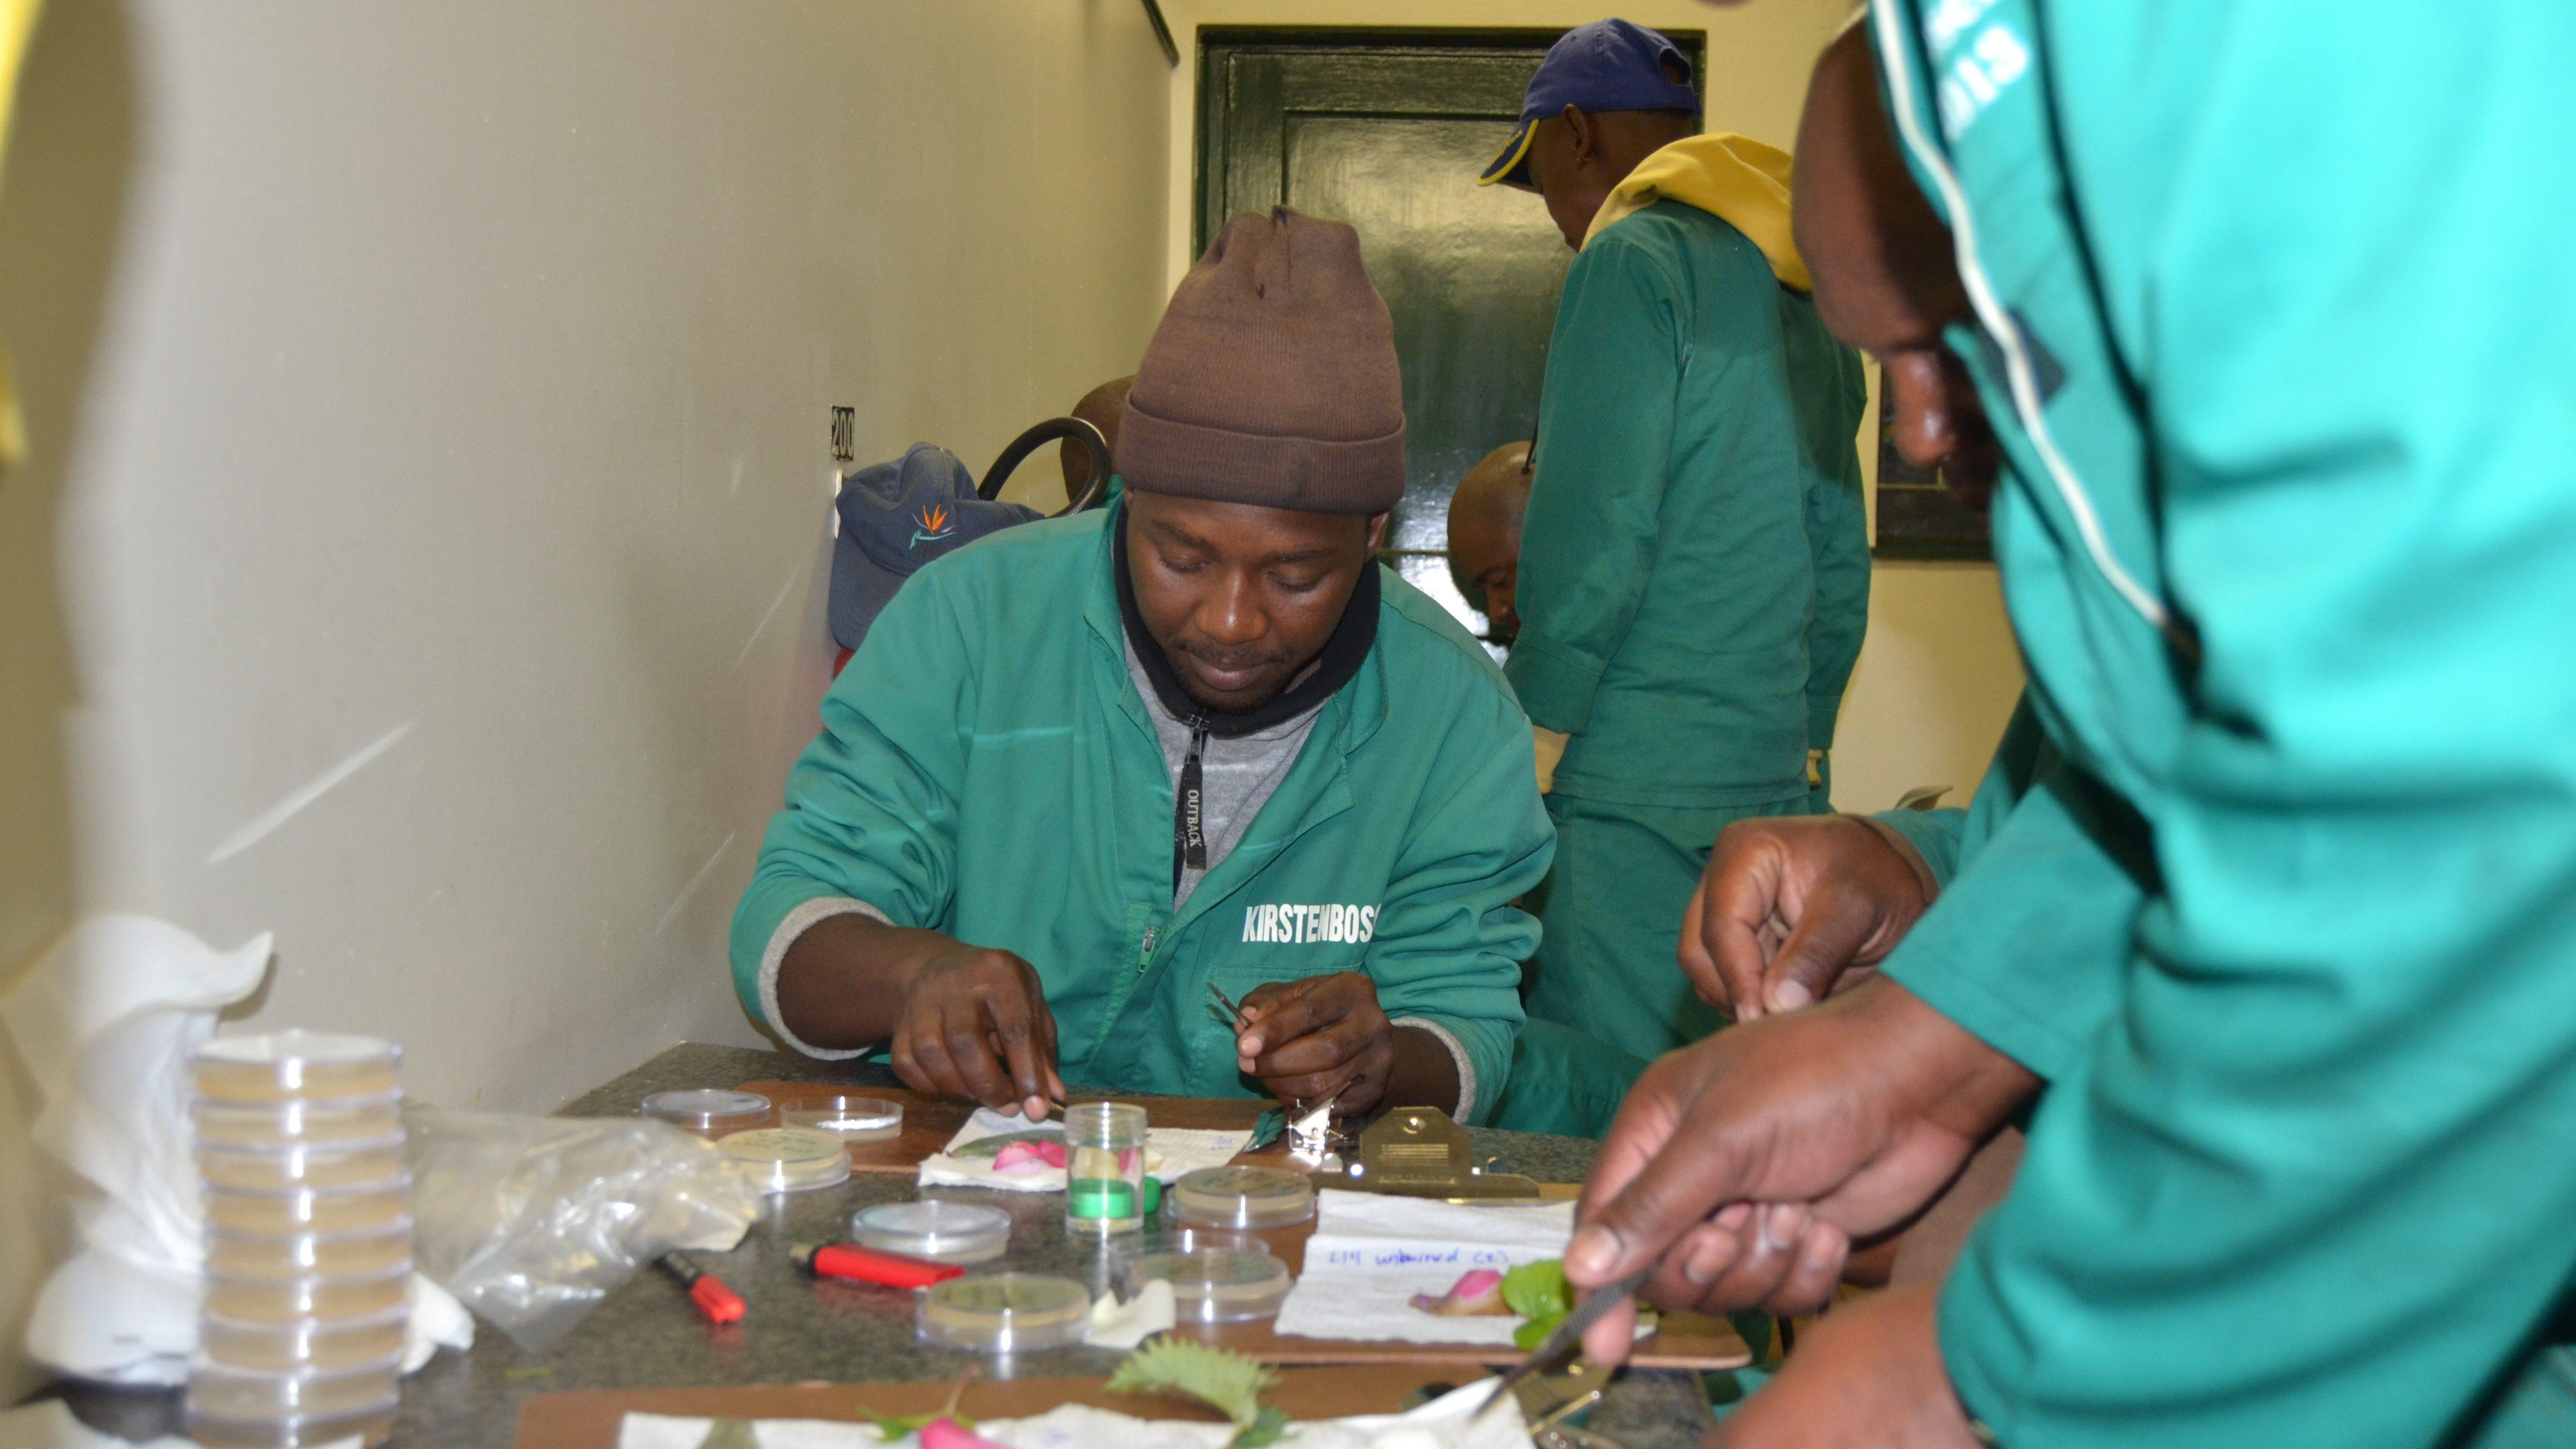 Kirstenbosch staff isolating pathogens